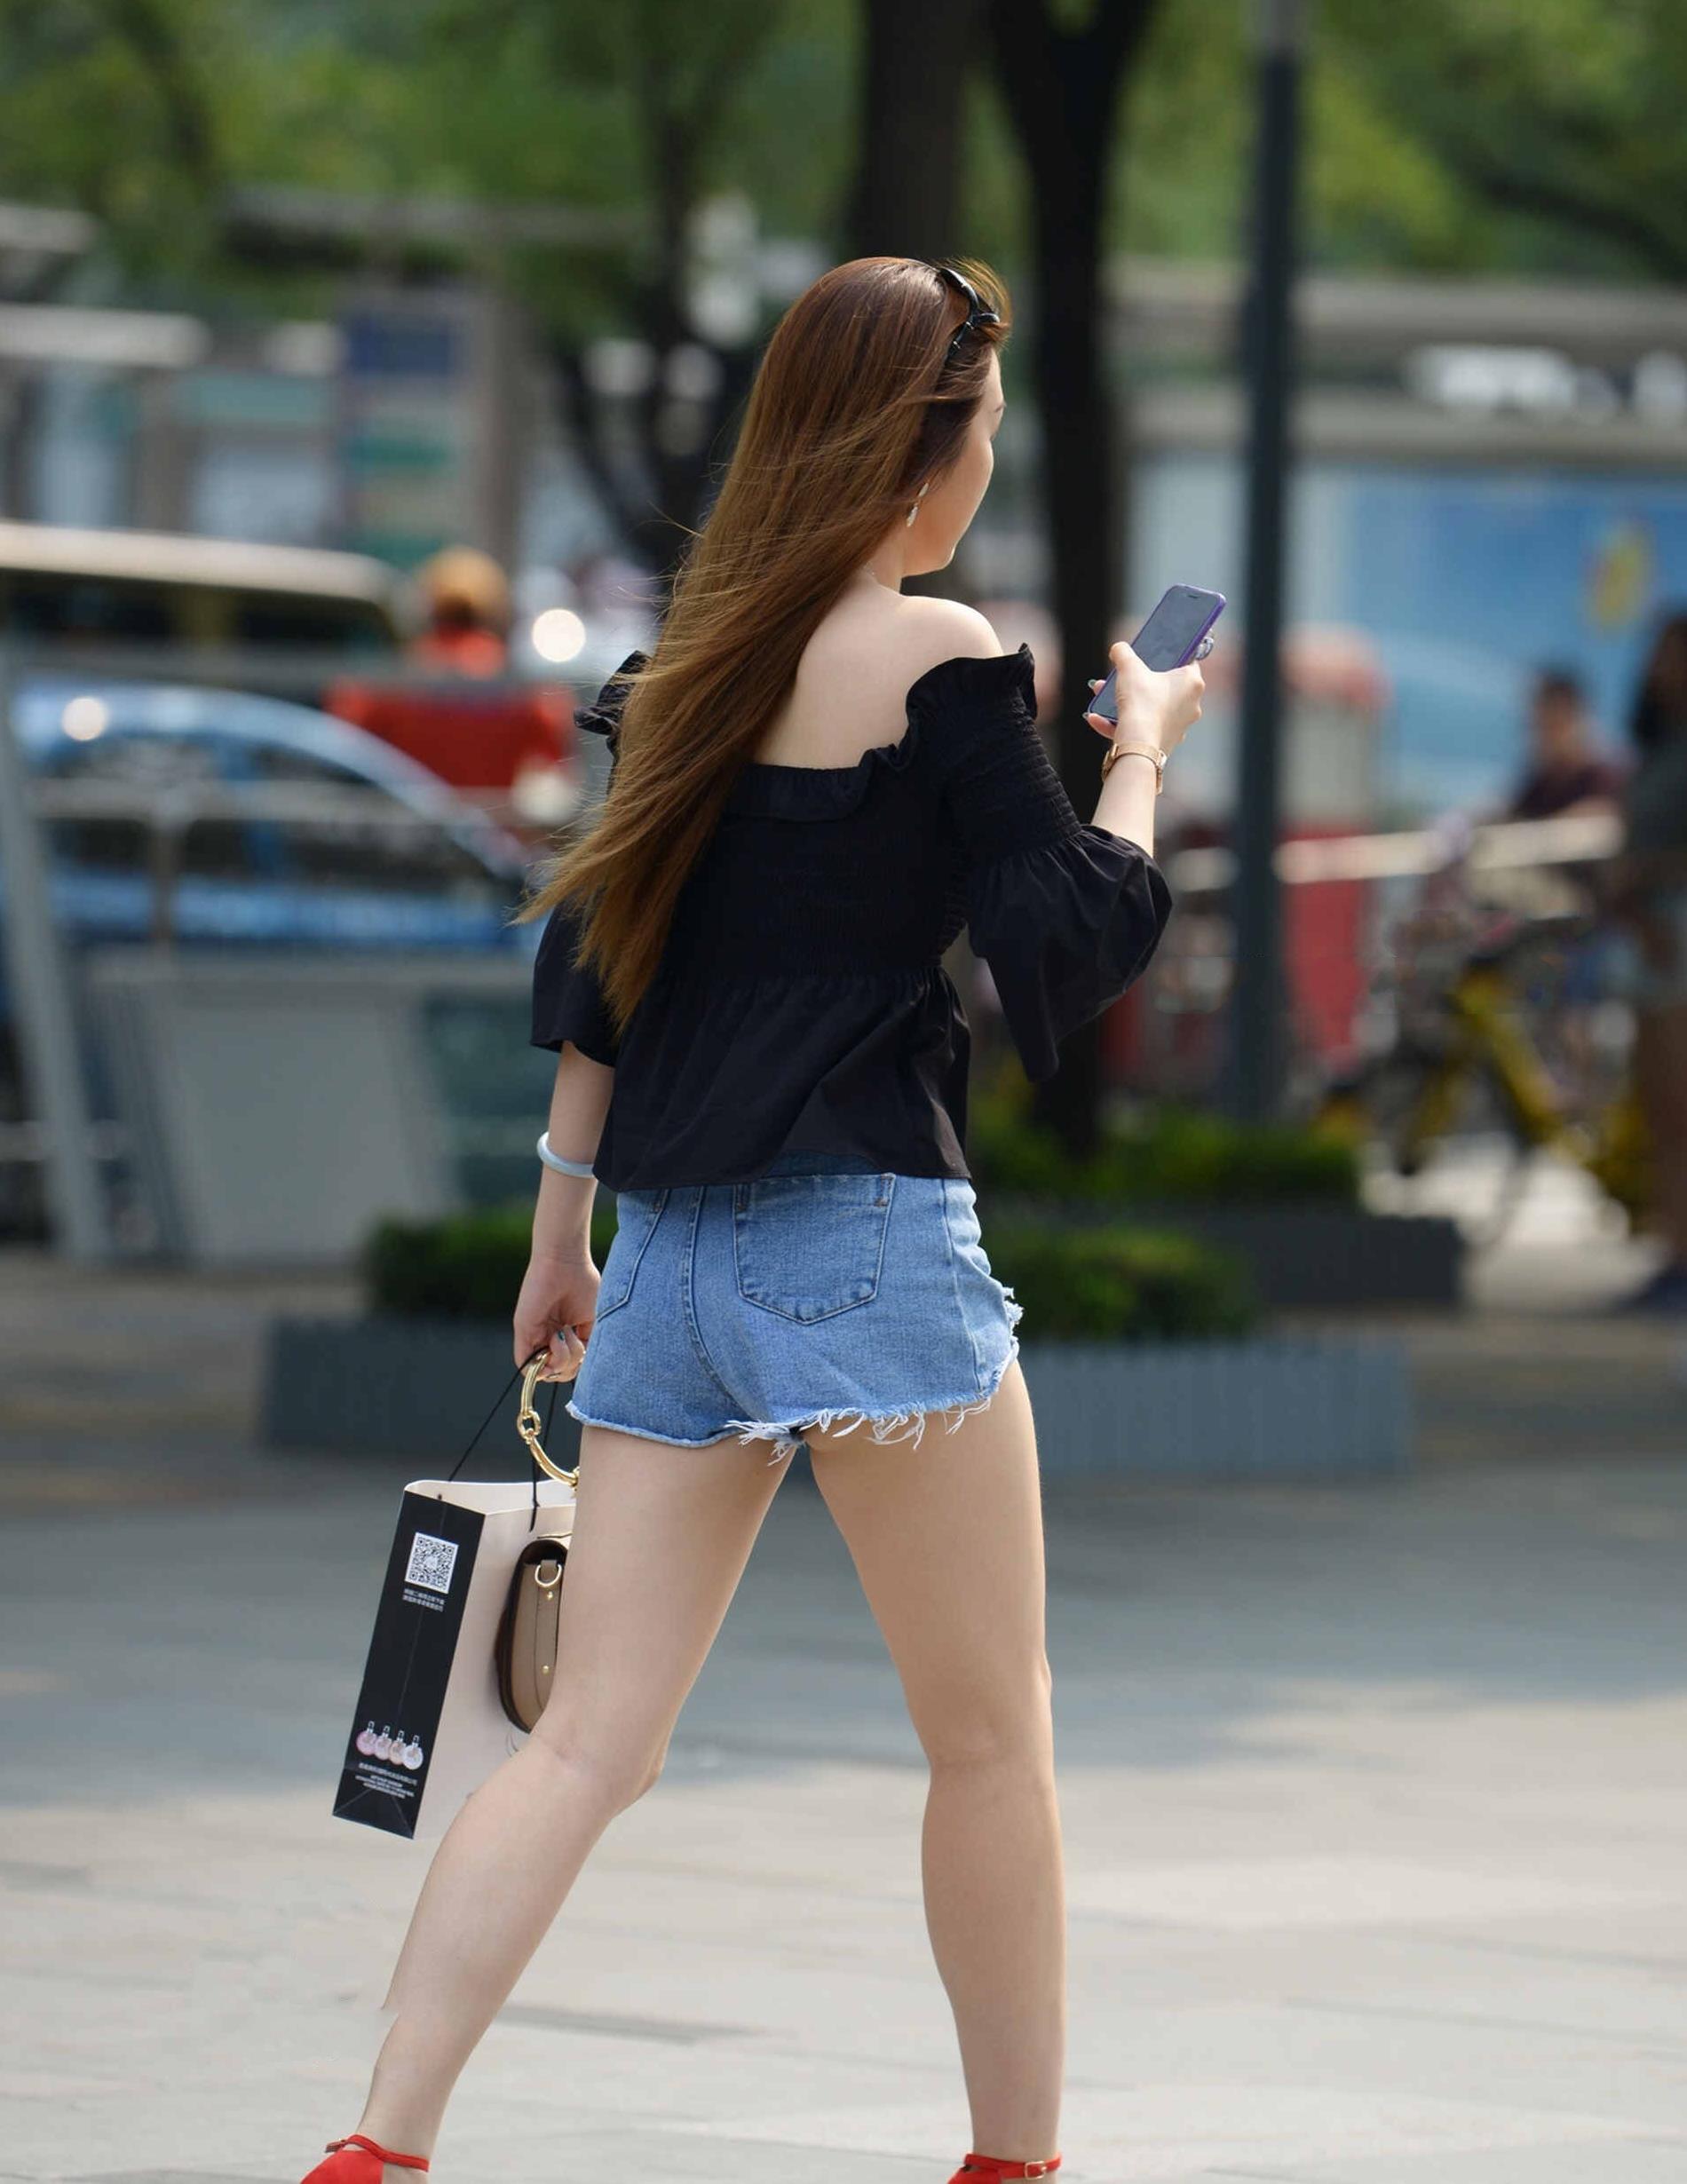 黑色中袖上衣,袖口花边设计,时尚潮流